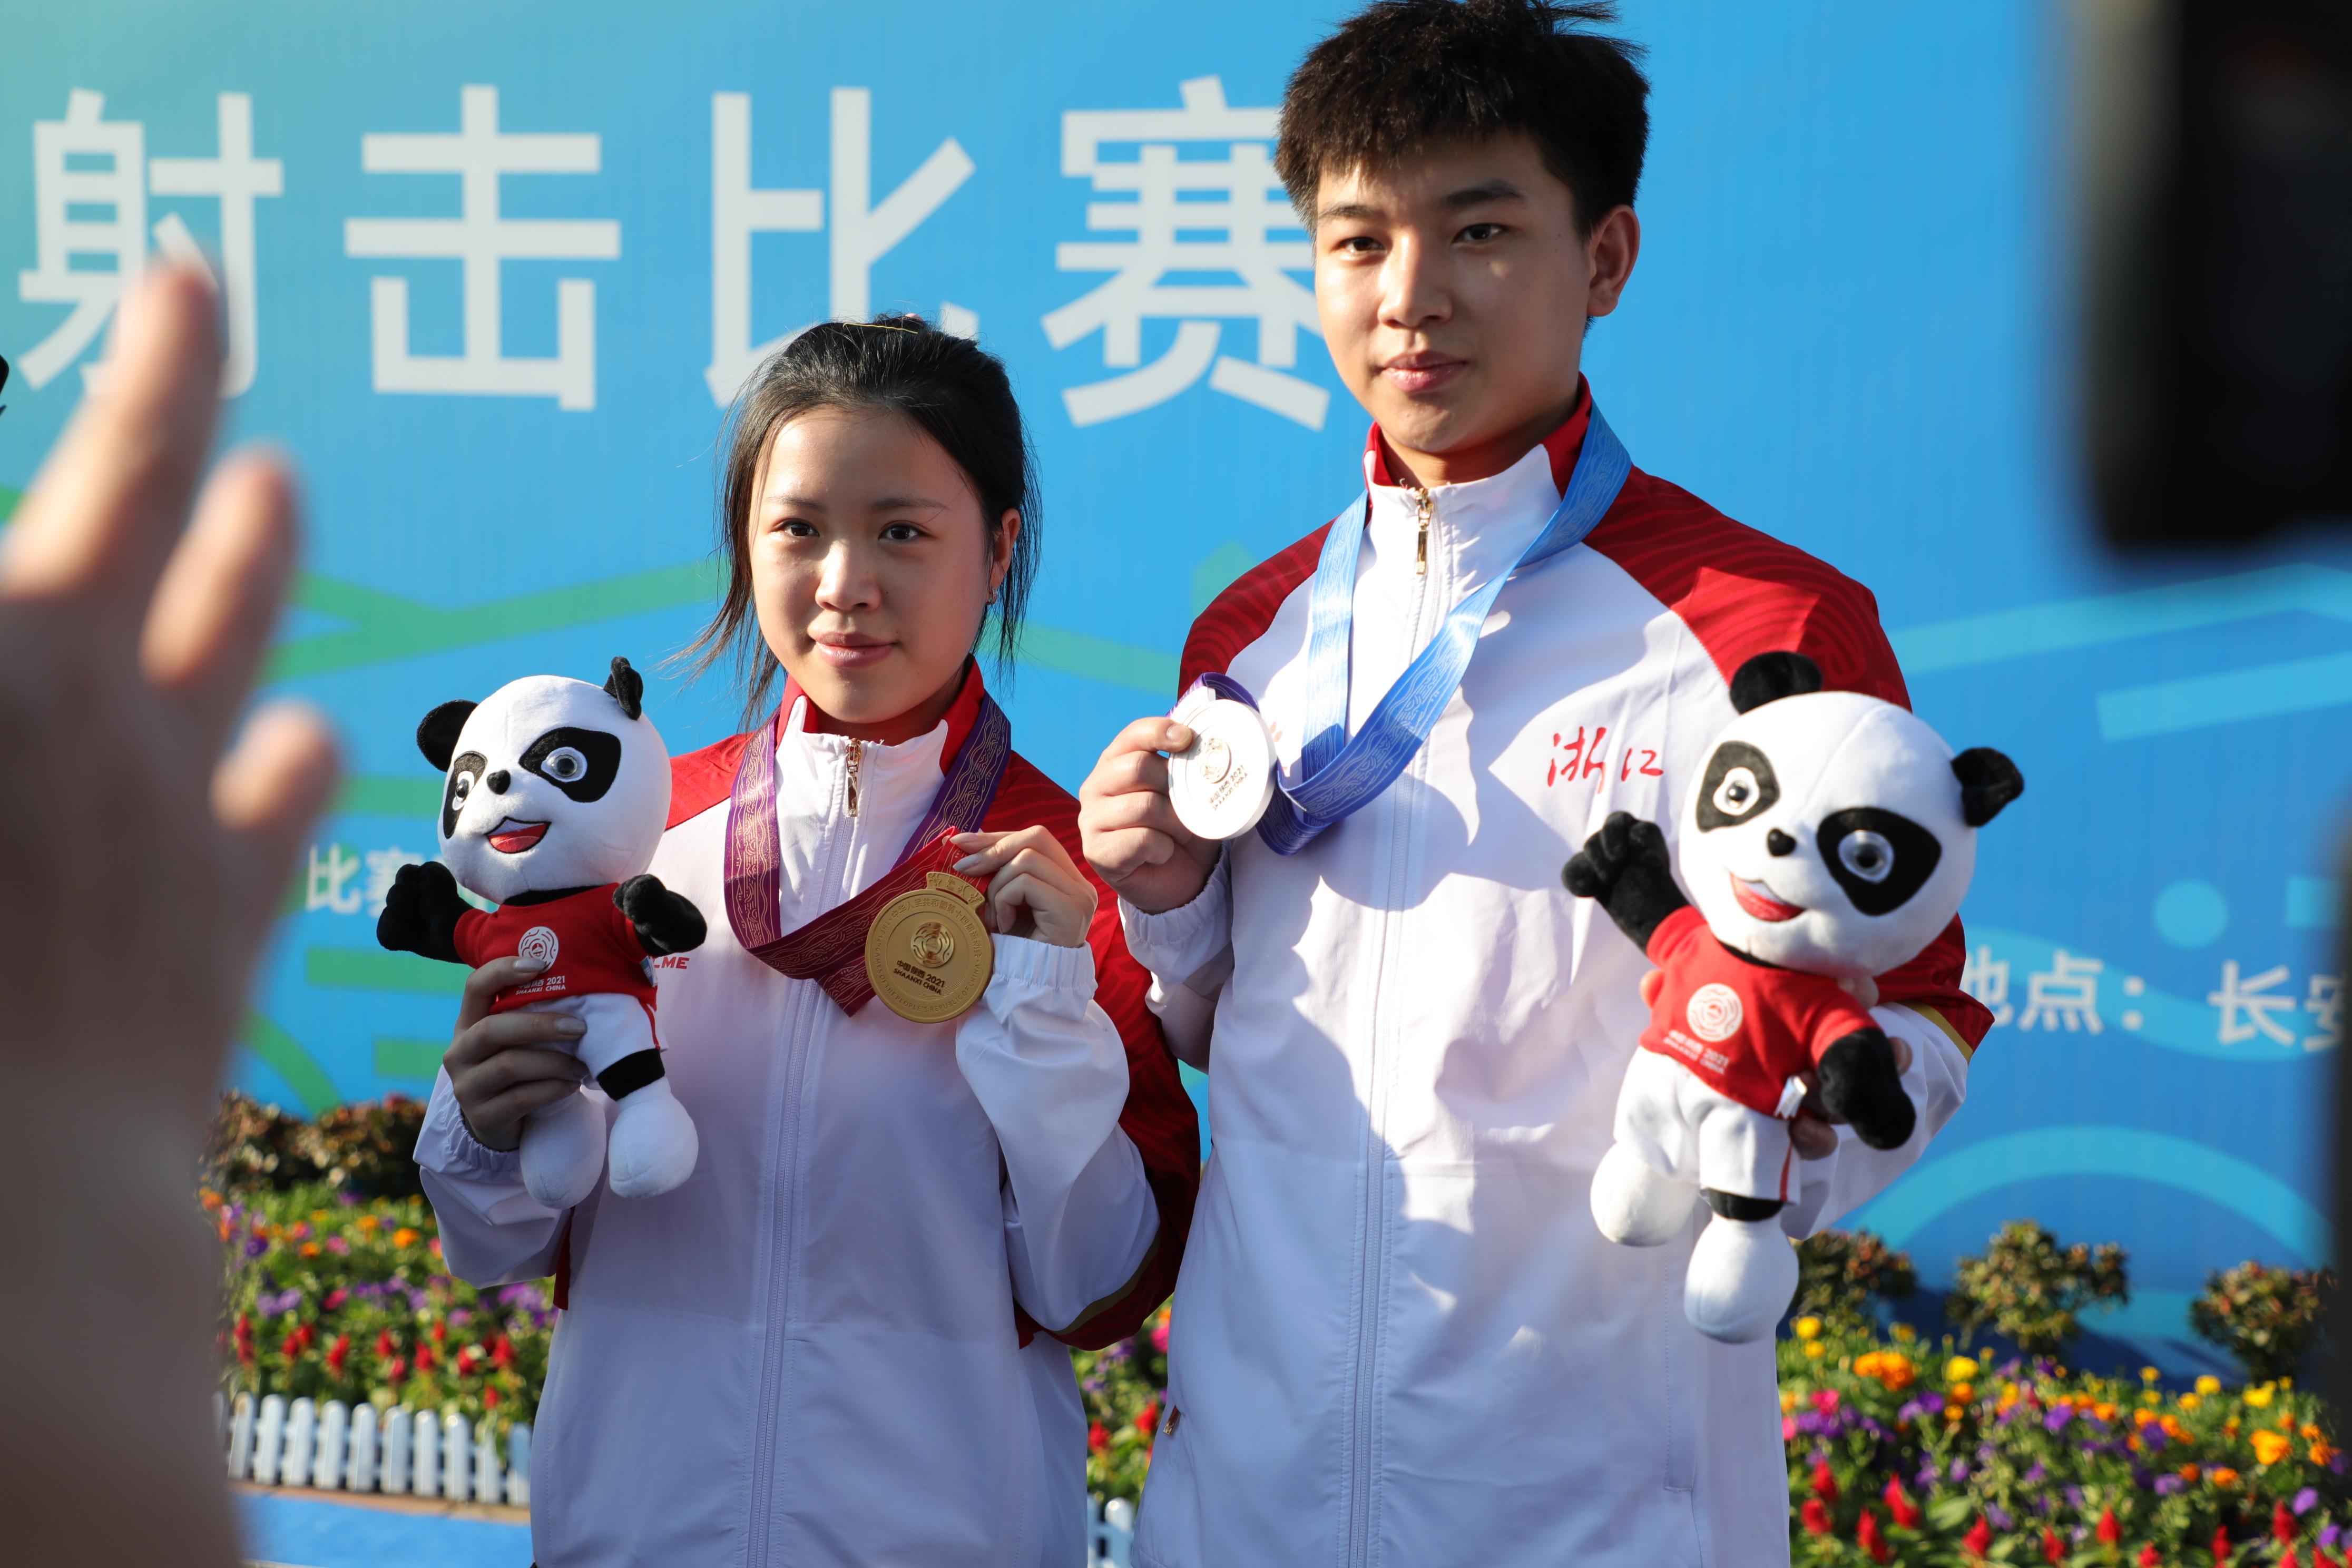 杨倩、杨皓然组合全运夺金。